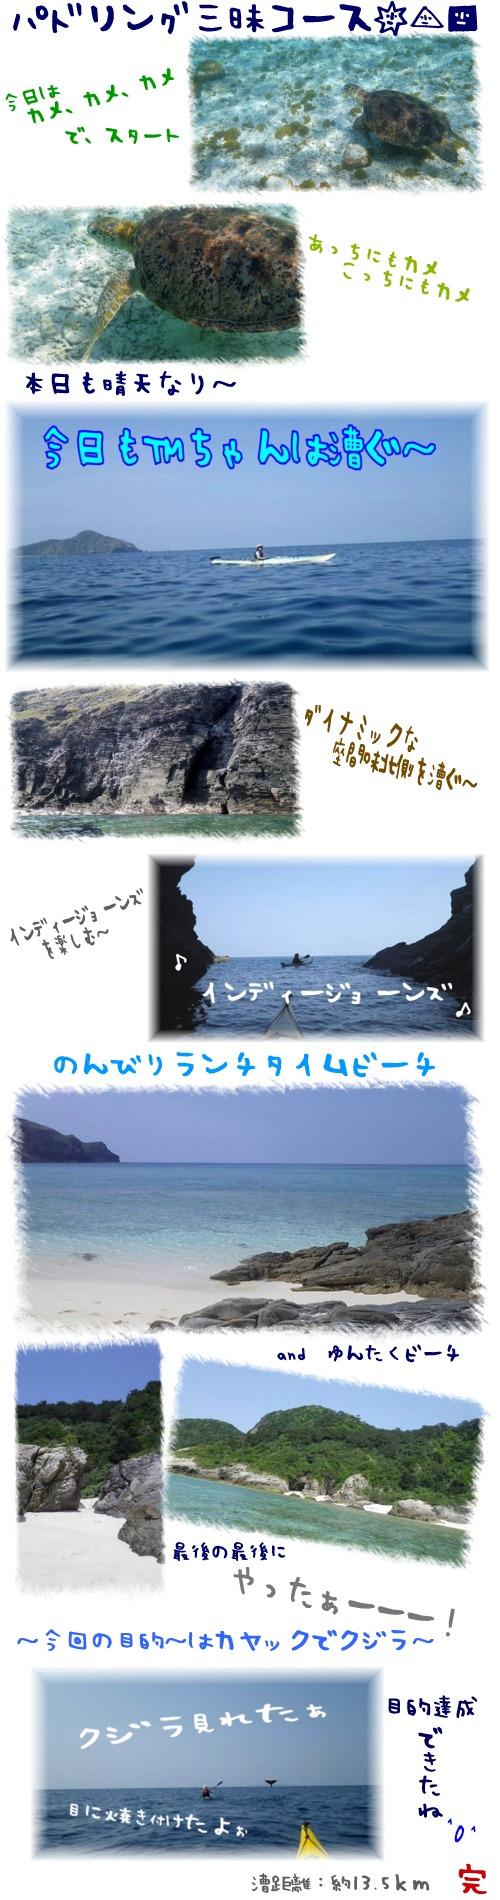 パドリング三昧コース②.mixOK